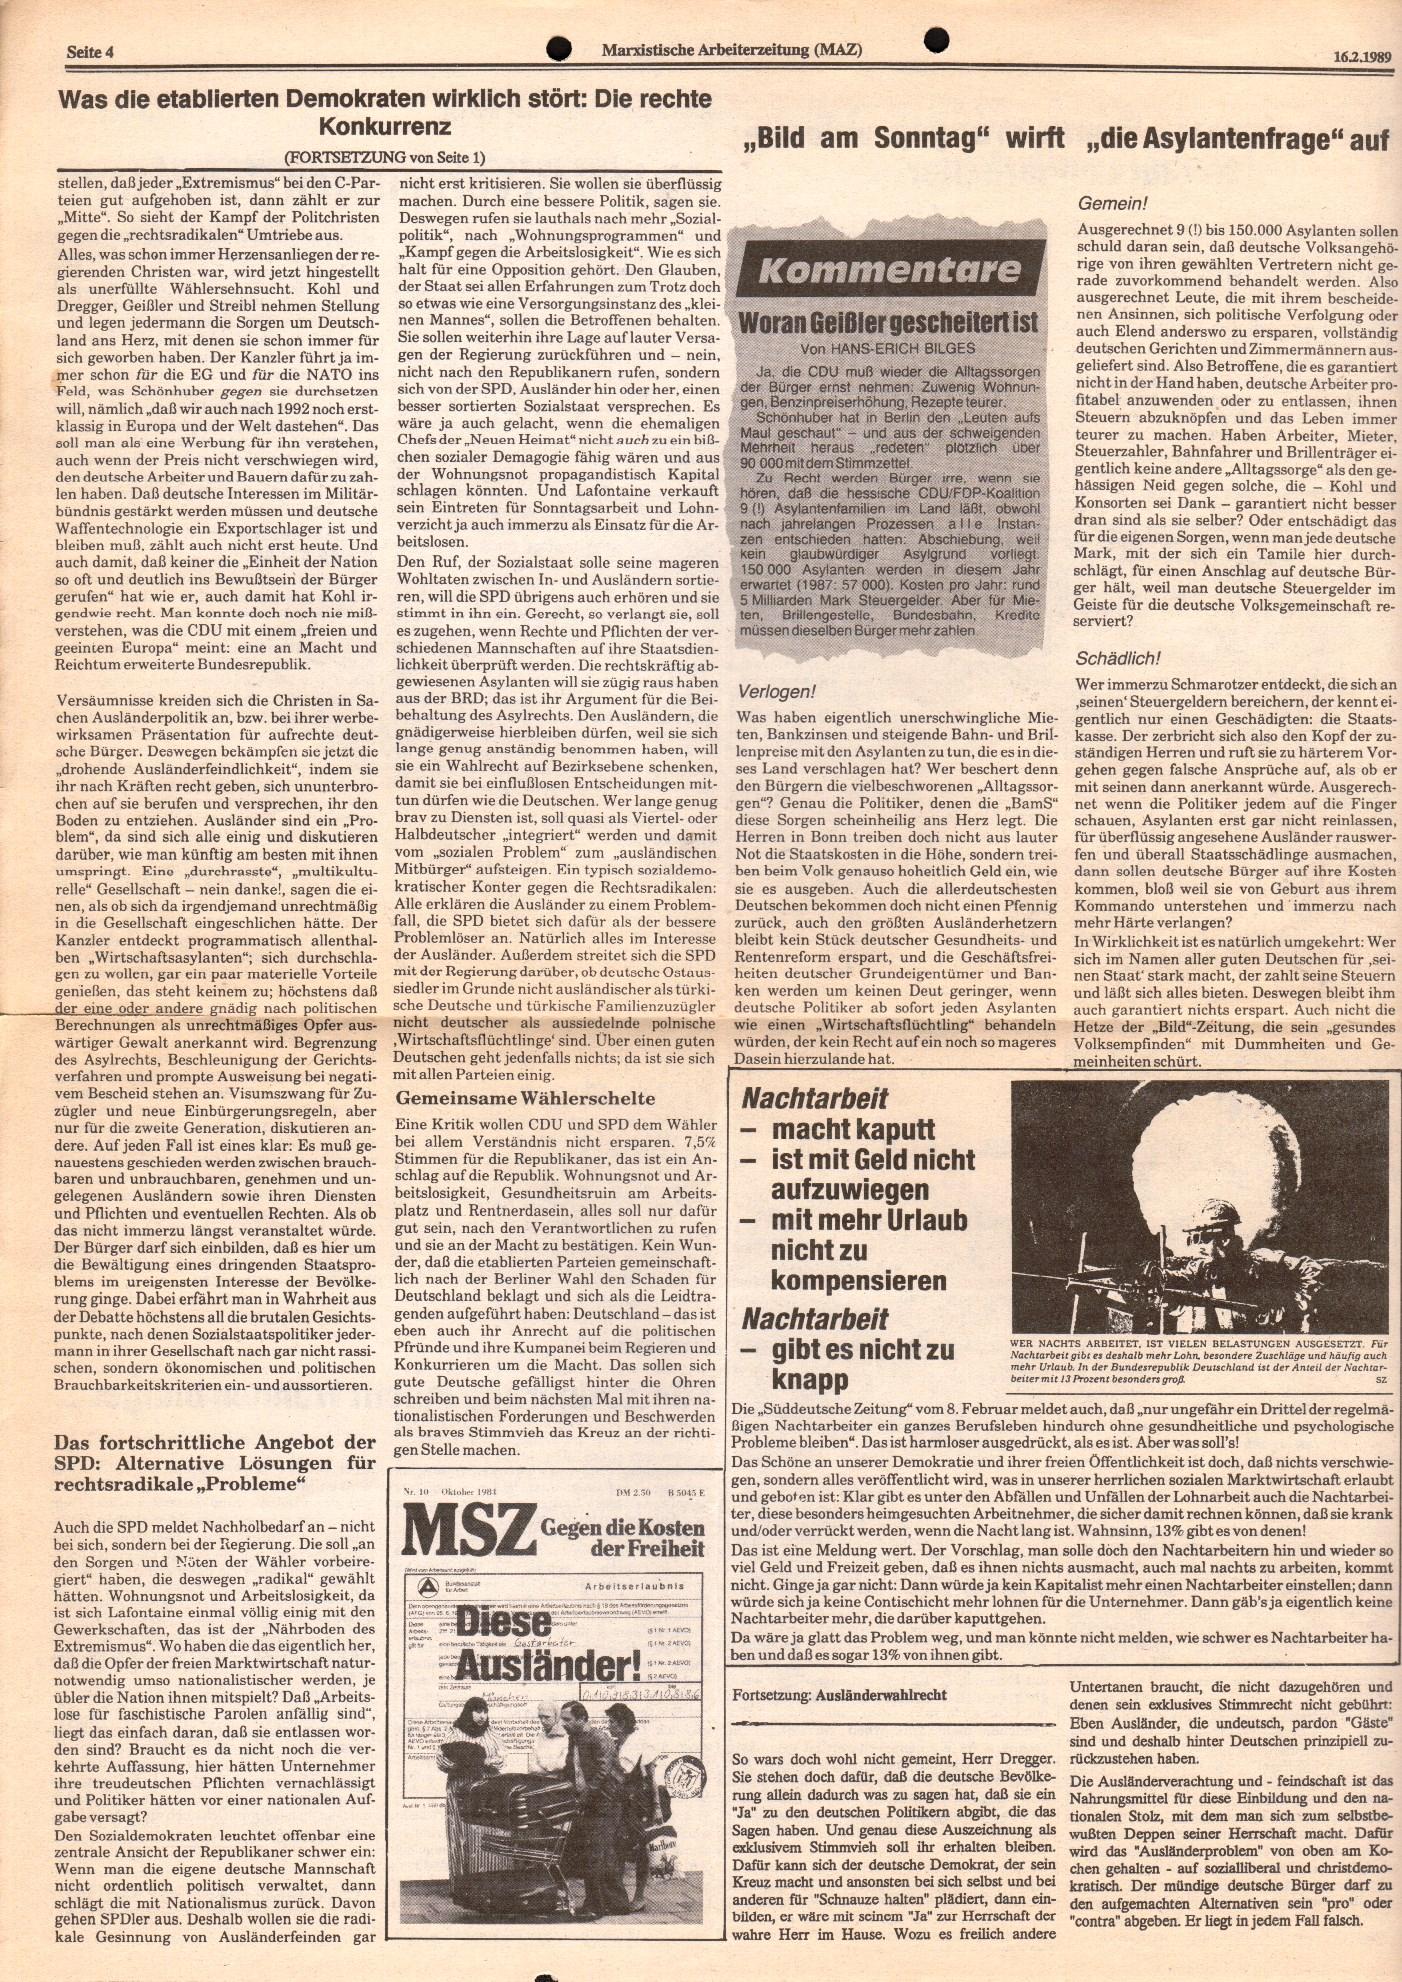 Hamburg_MG_MAZ_19890216_04